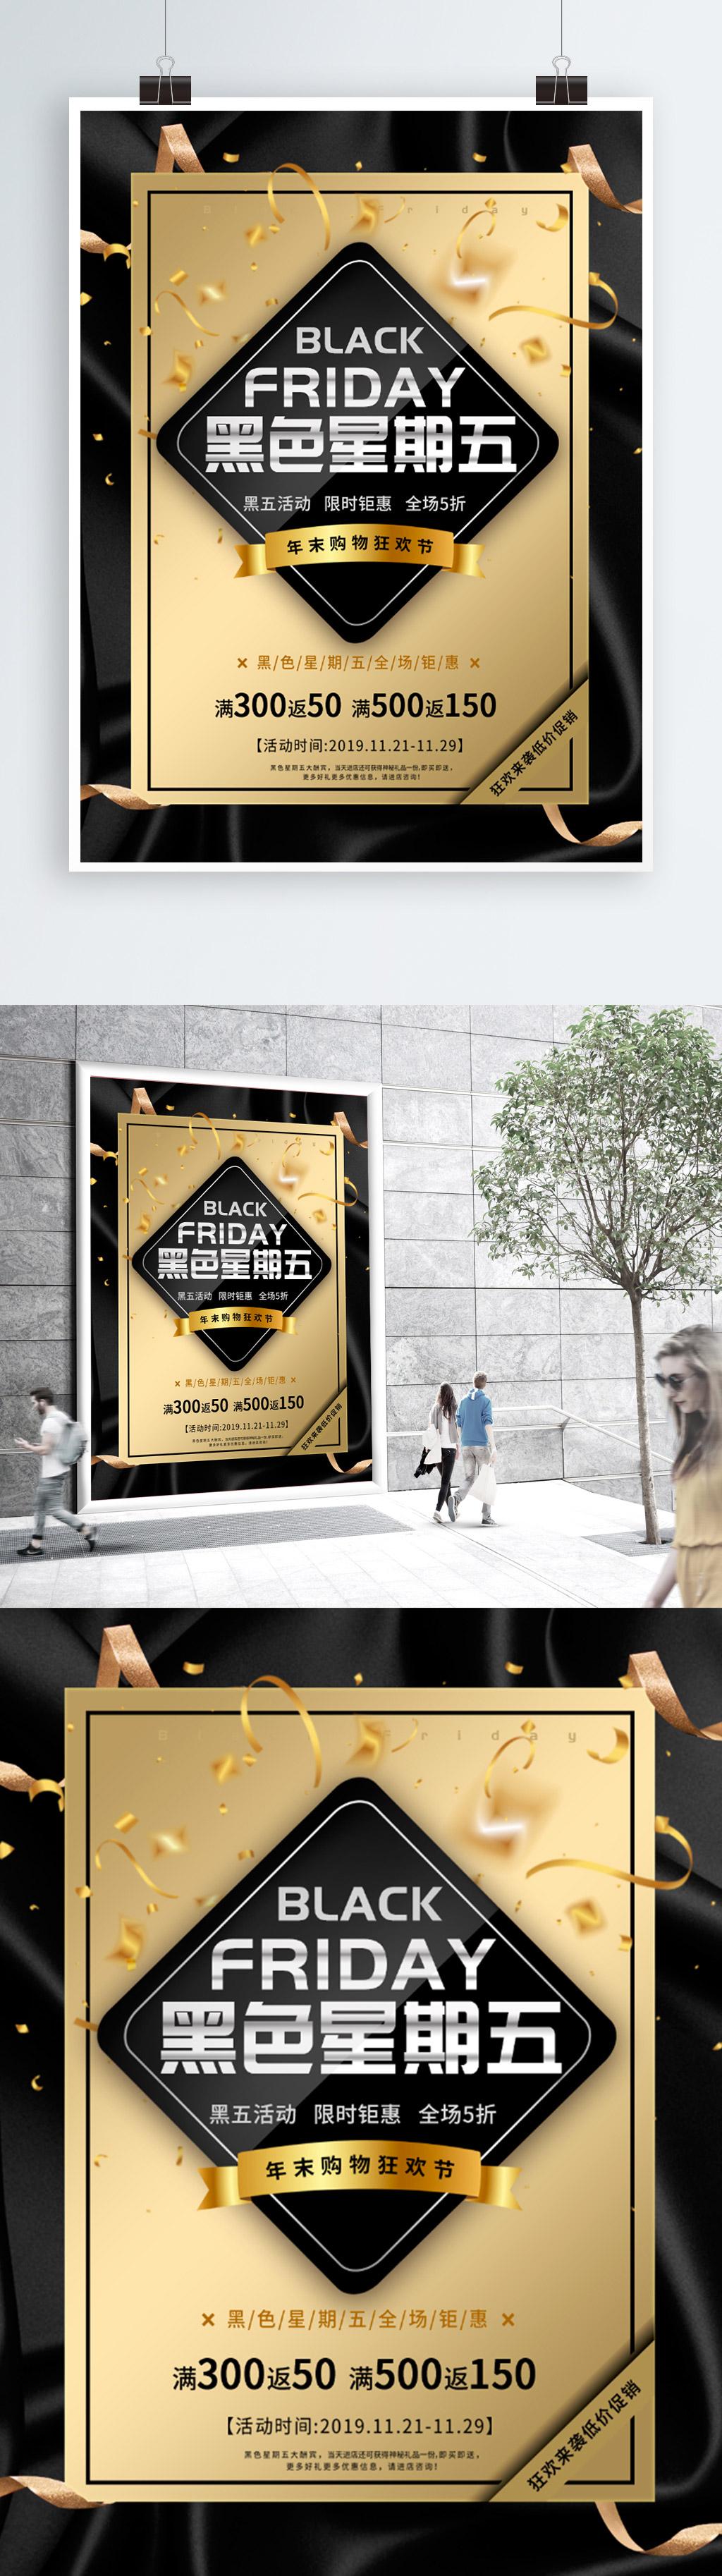 黑金黑色大气黑色星期五促销海报